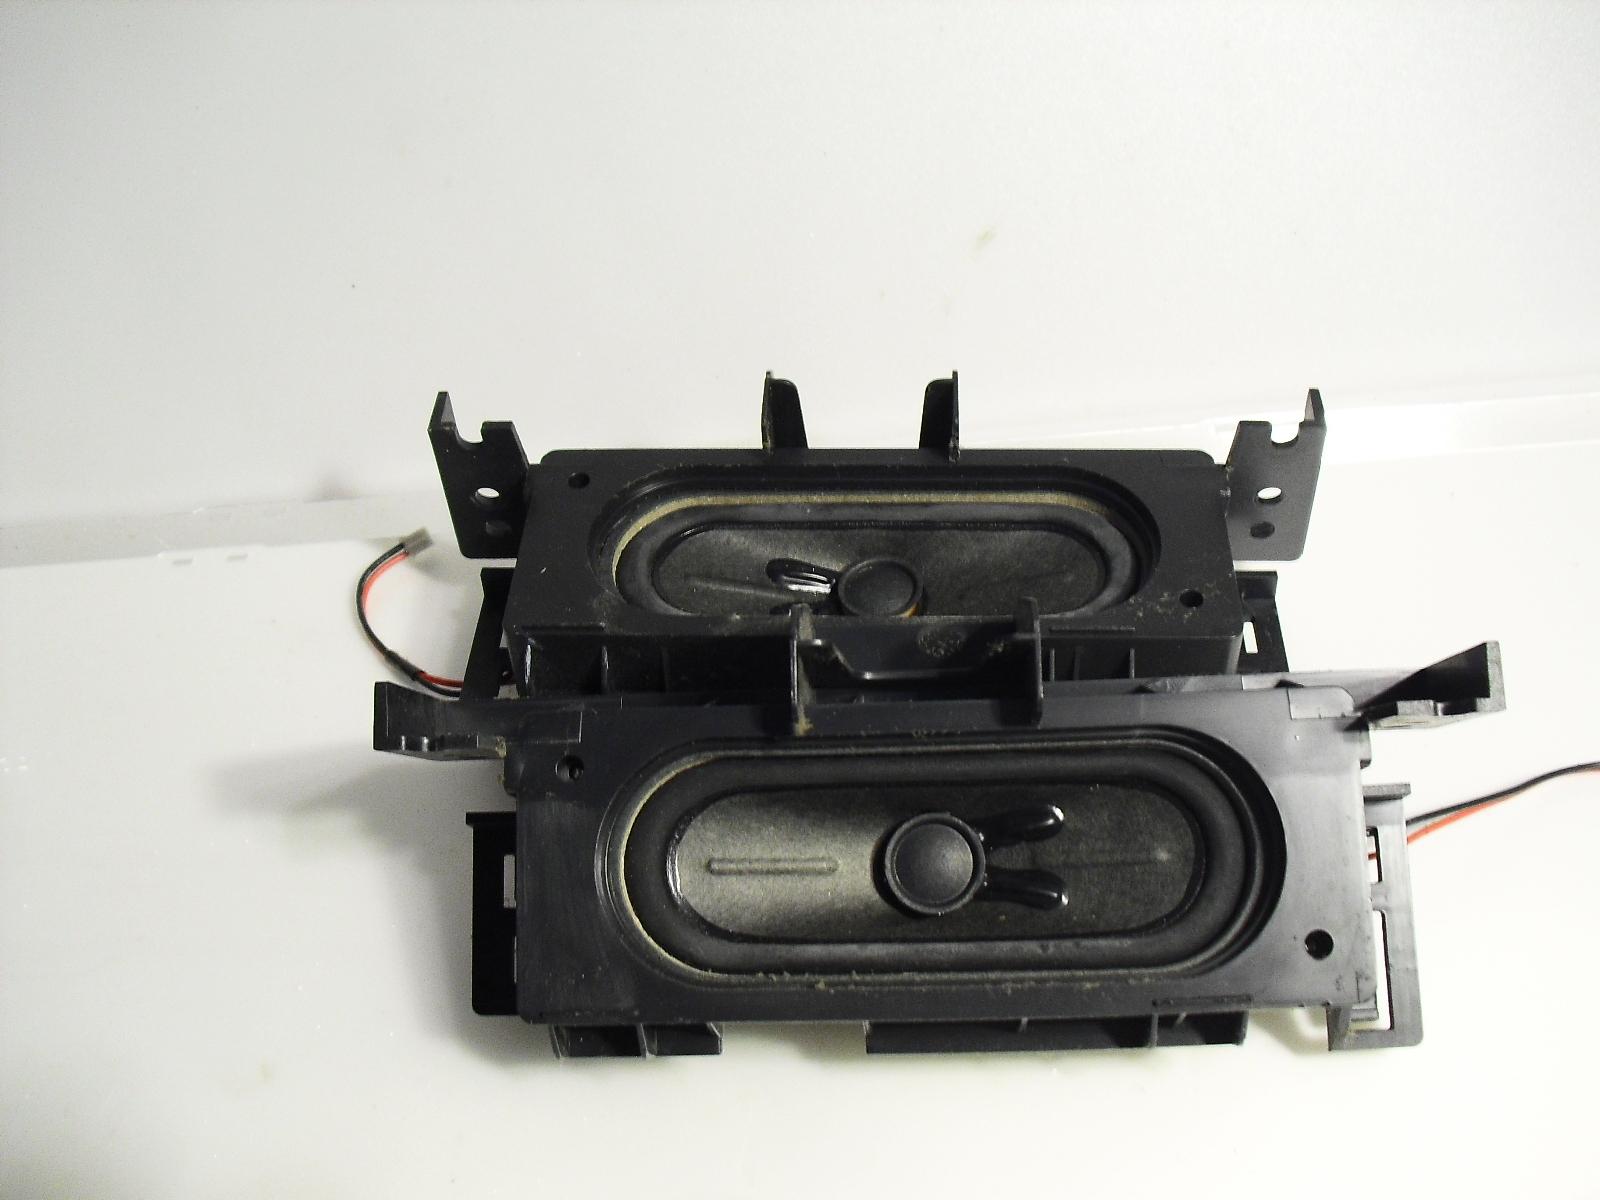 phillips   32pfl3504d   speakers  - $4.99